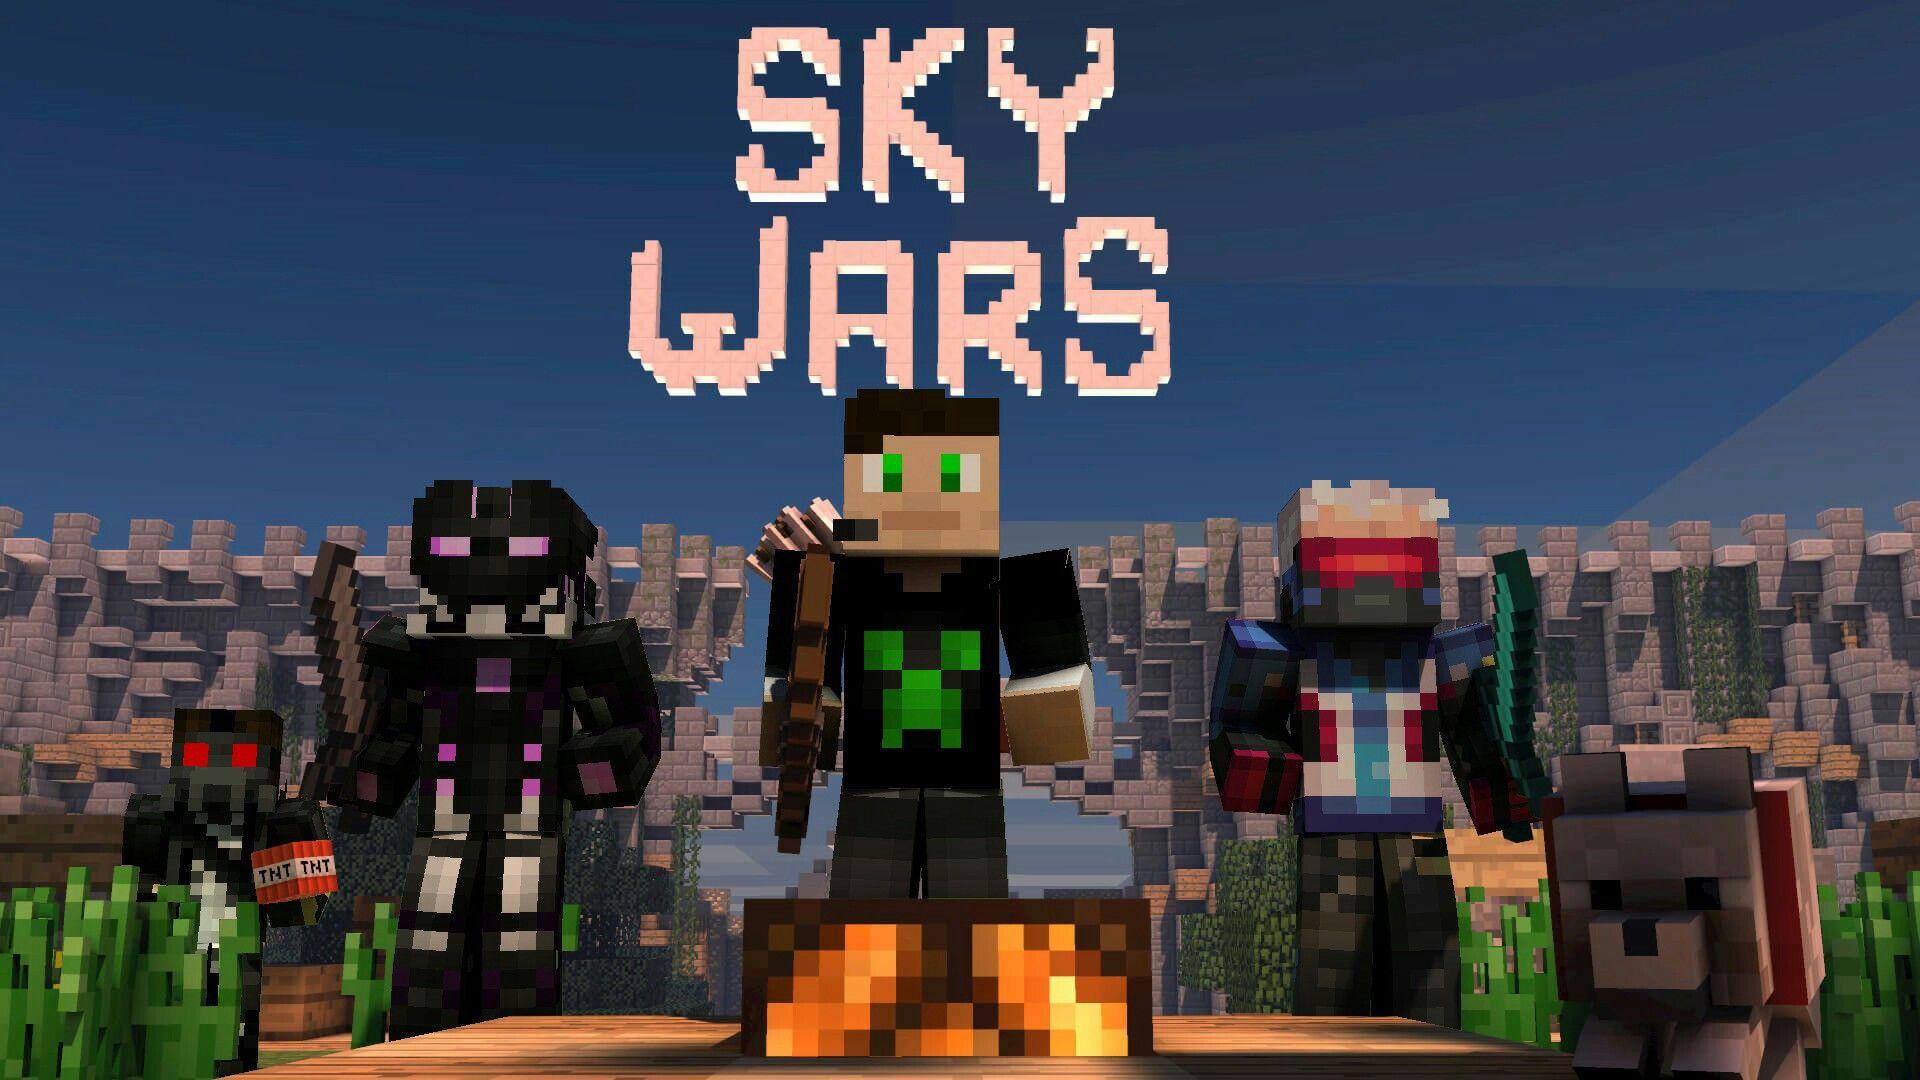 Wonderful Wallpaper Minecraft War - 10a2237876b65bb98b247bd9397d1037  Snapshot_345626.jpg